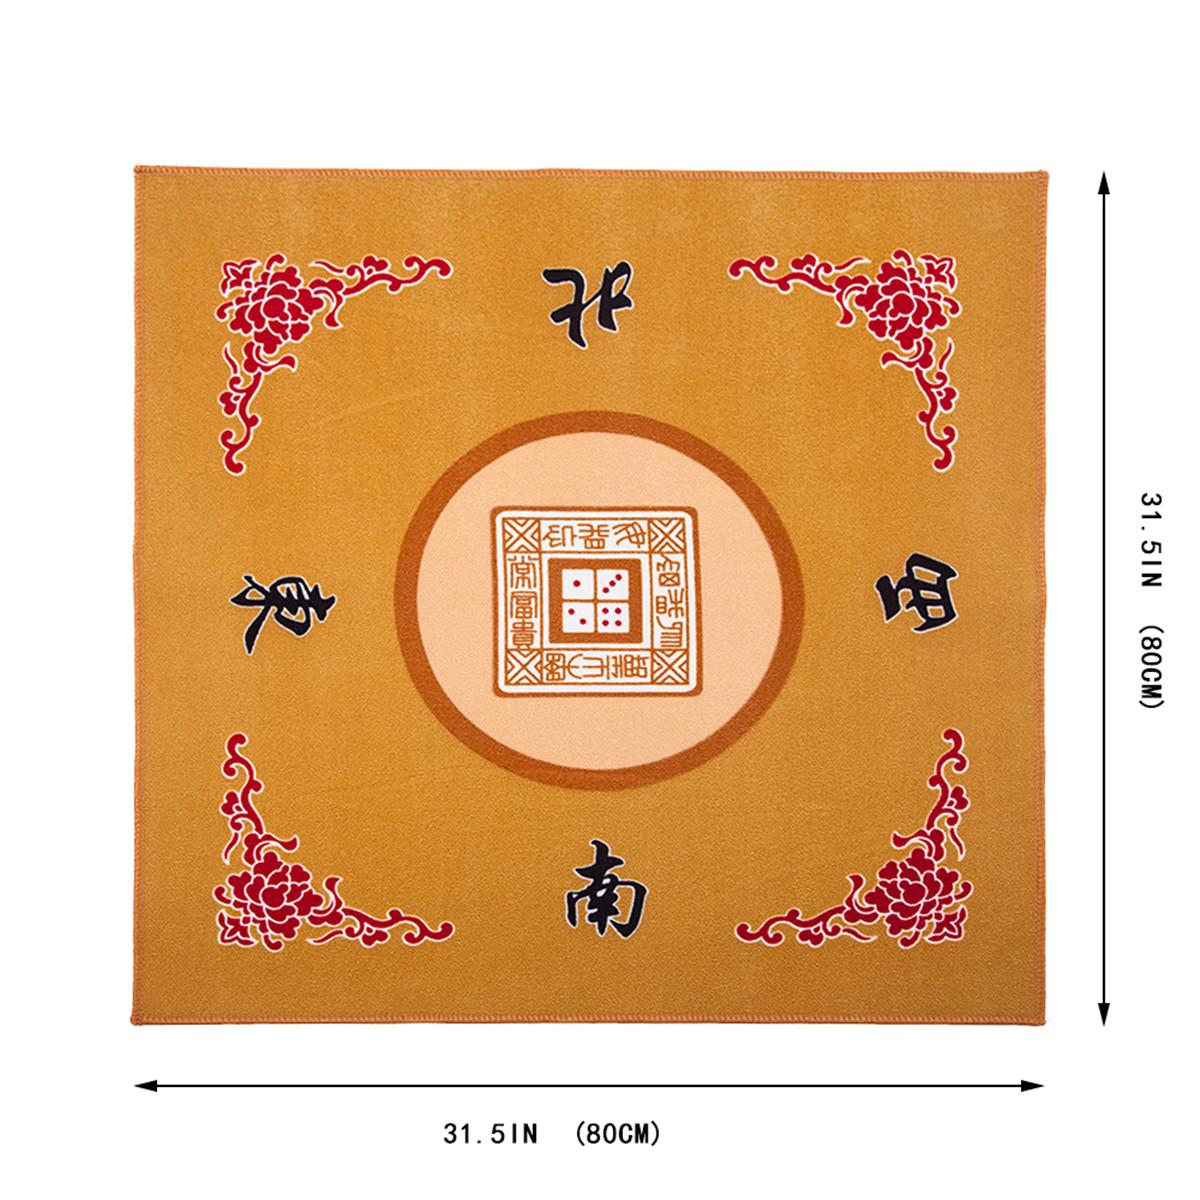 Universal Mahjong Paigow Card Game Table Cover